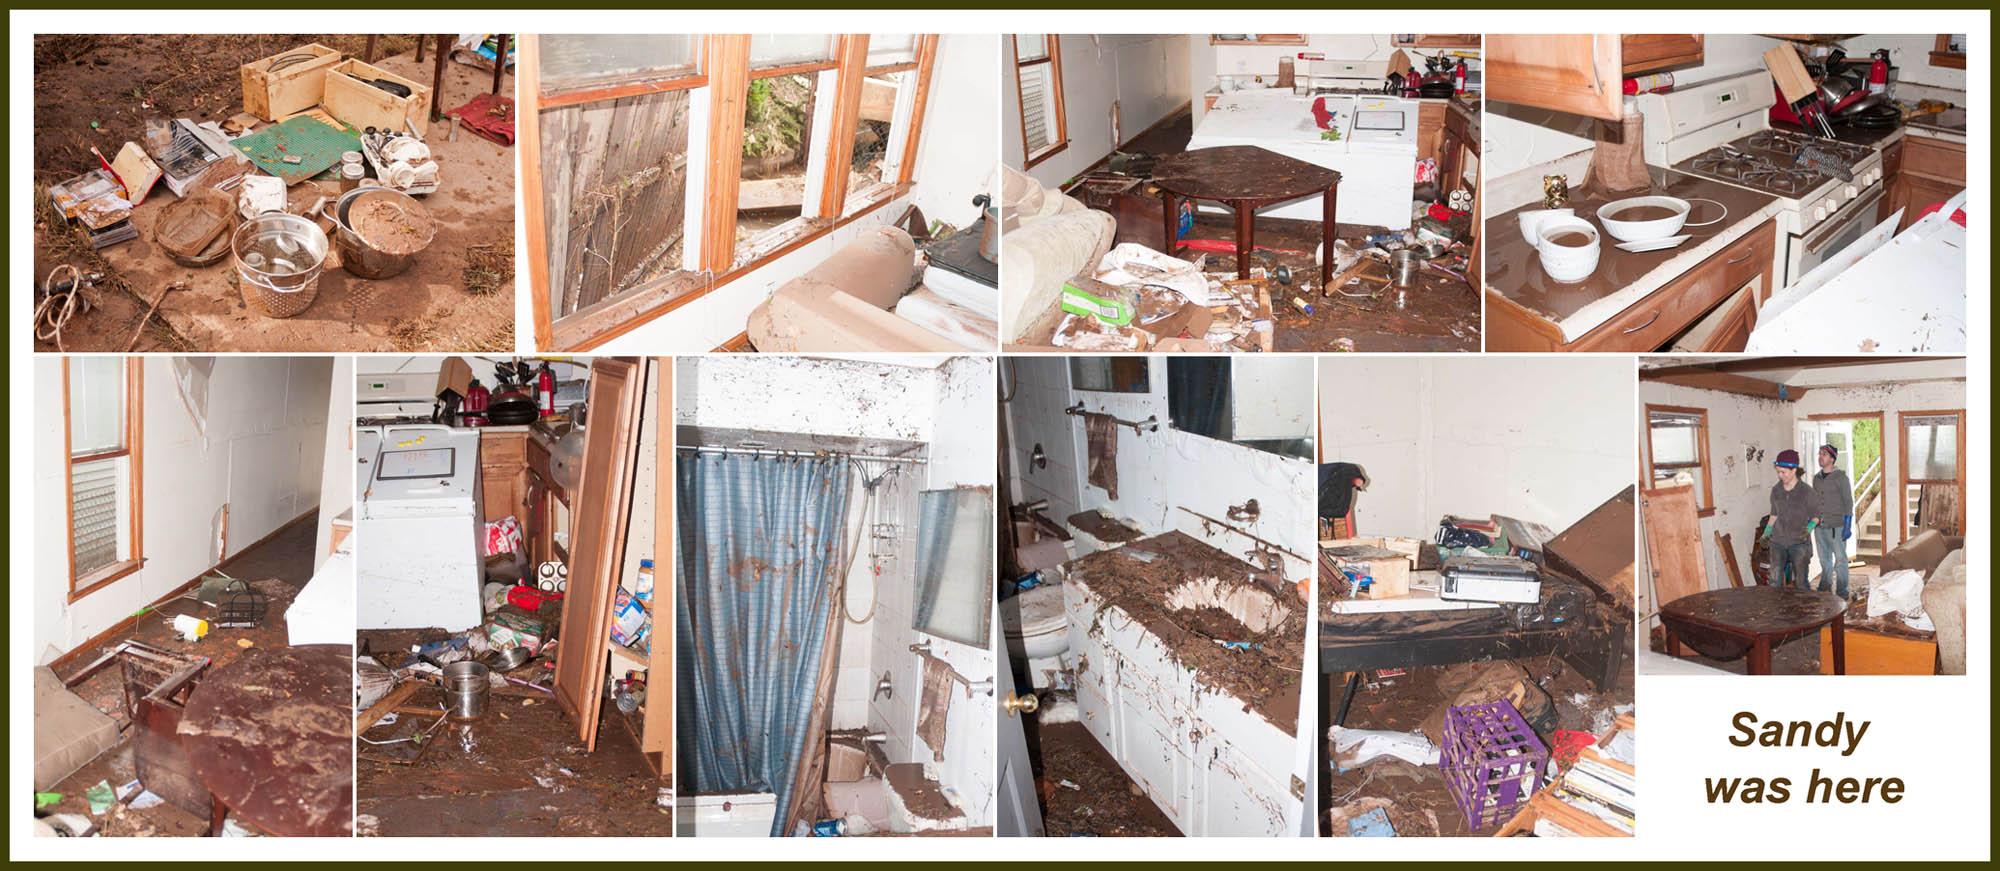 """фото """"Sandy was here - inside of one apartment"""" метки: репортаж, город, разное, Hurricane Sandy, Нью-Йорк, городской пейзаж"""